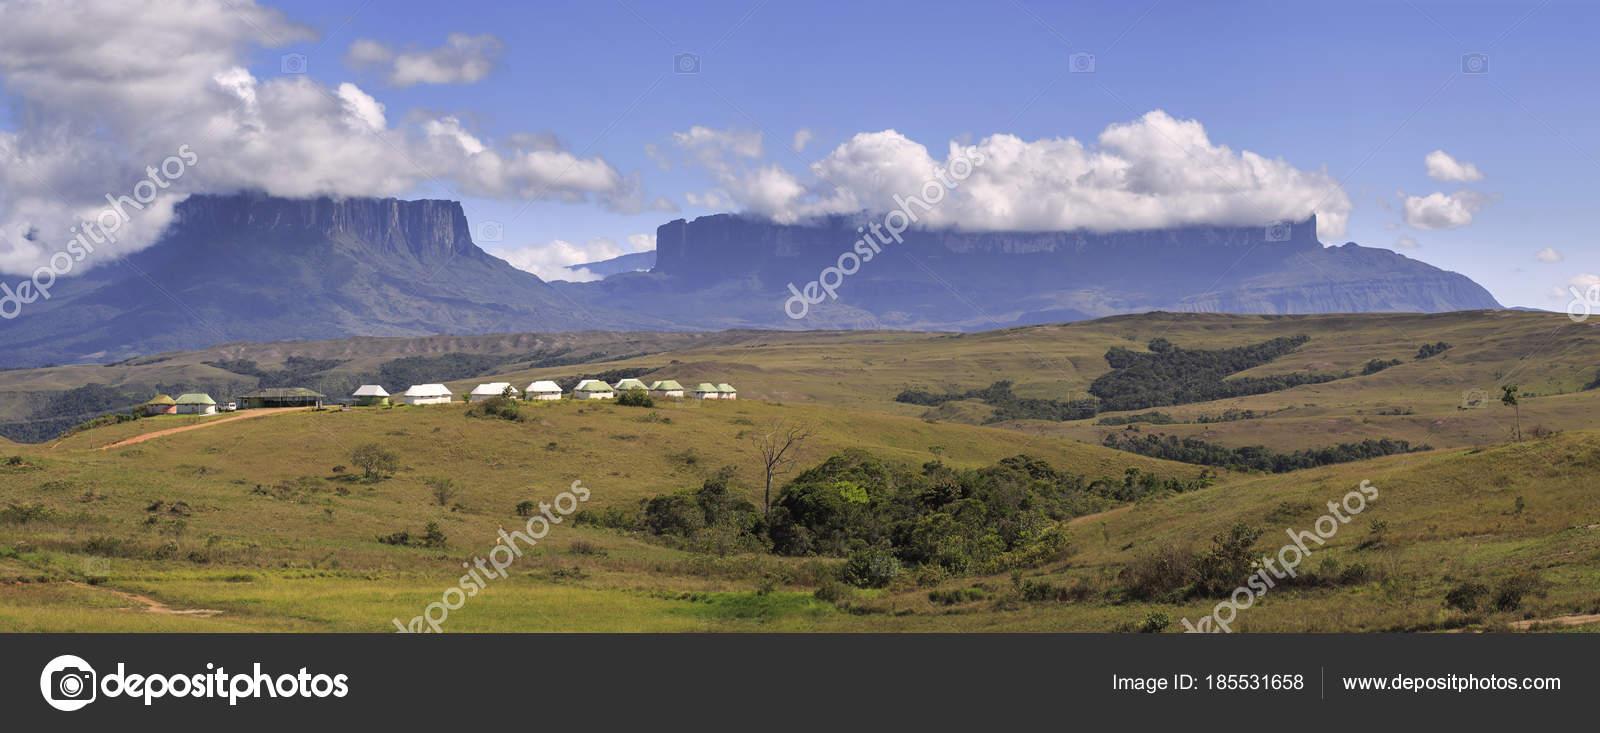 Die Berge Roraima Und Kukenan Venezuela Stockfoto C Sunsinger